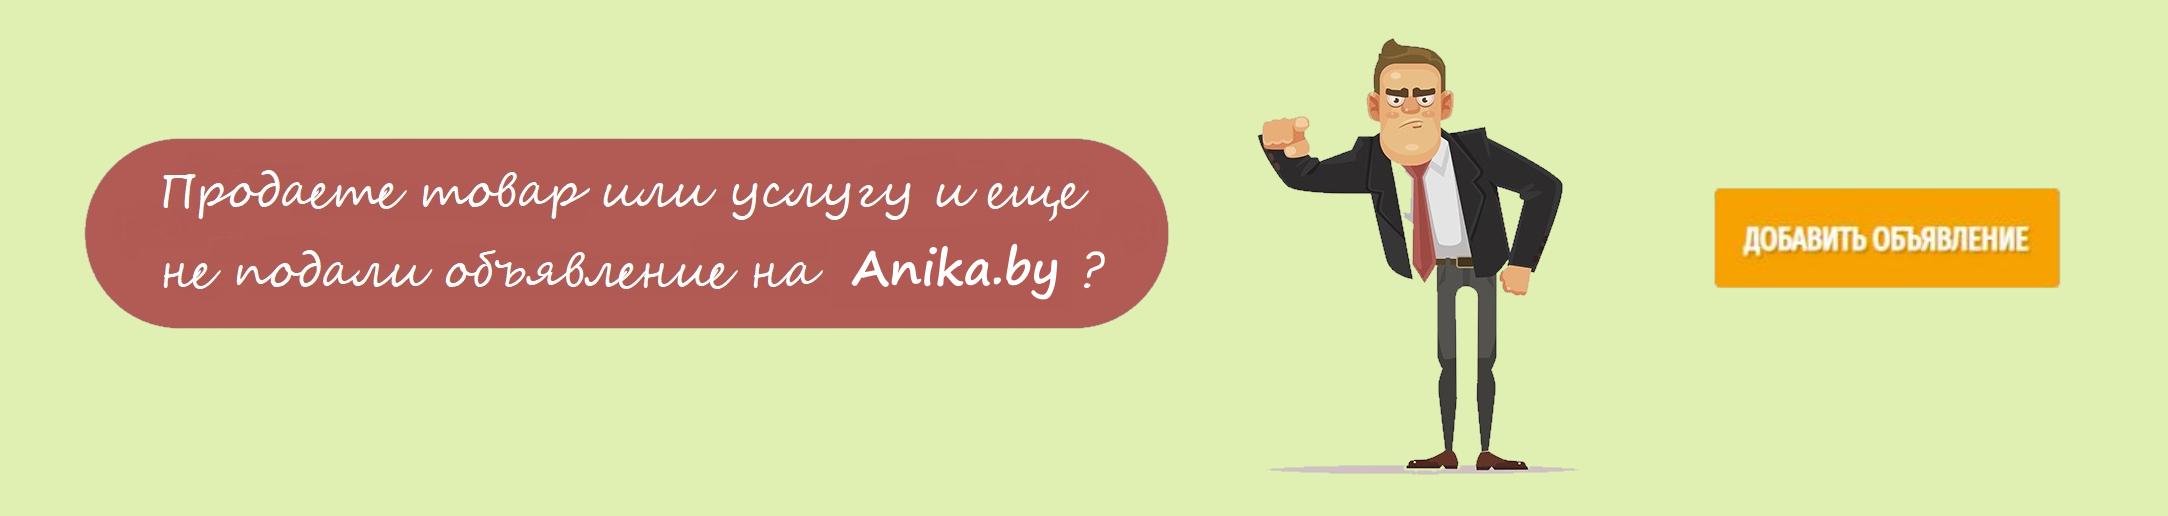 dobav_obyavlenie_na_anika_by_seychas.png